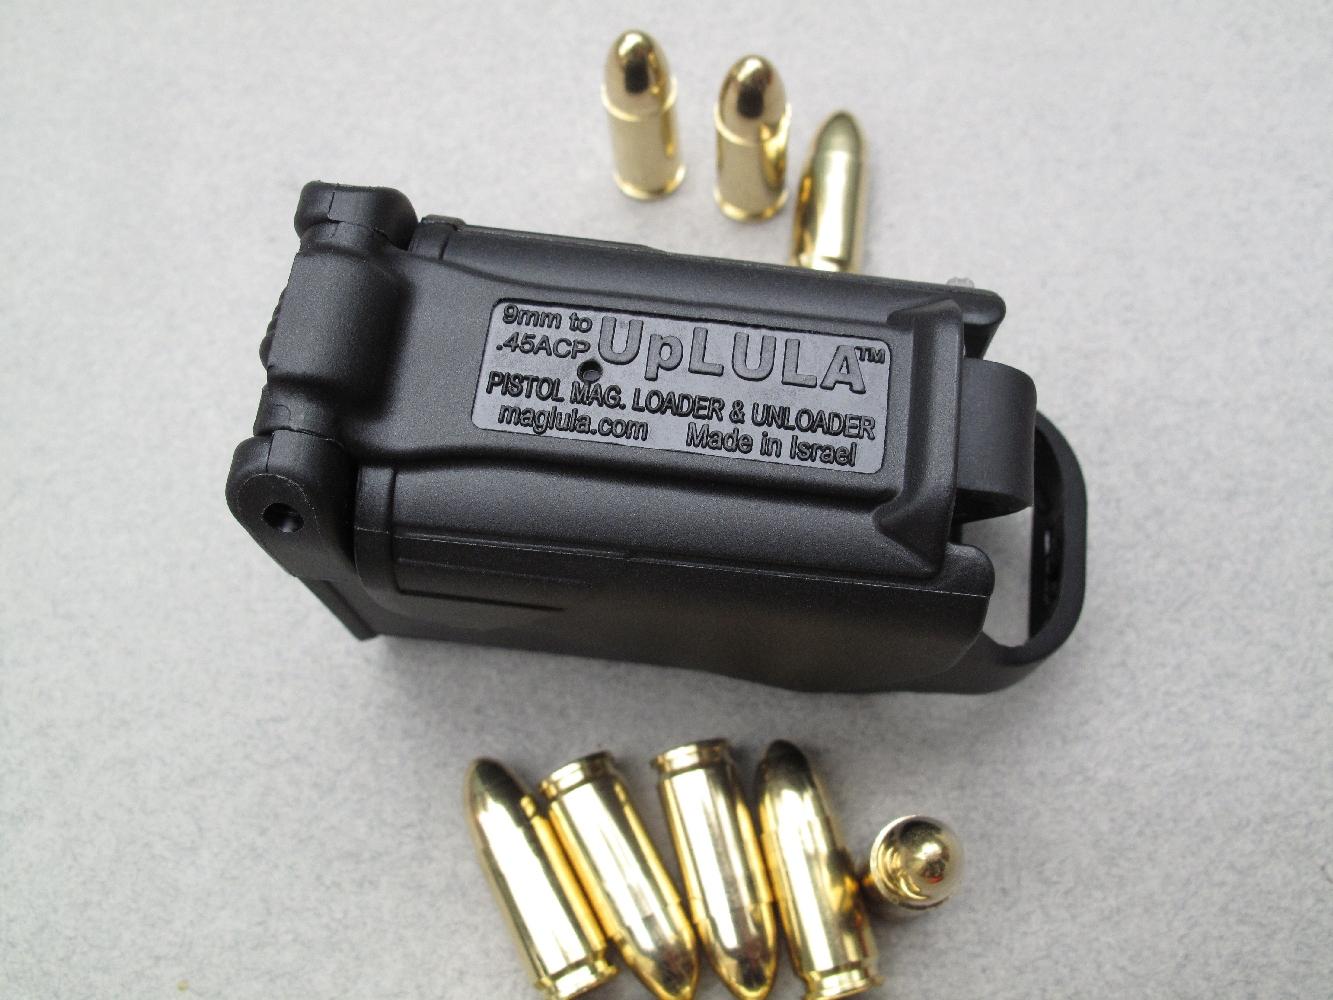 Cet outil d'aide au chargement est à la fois robuste et léger grâce à sa fabrication en polymère à haute résistance.